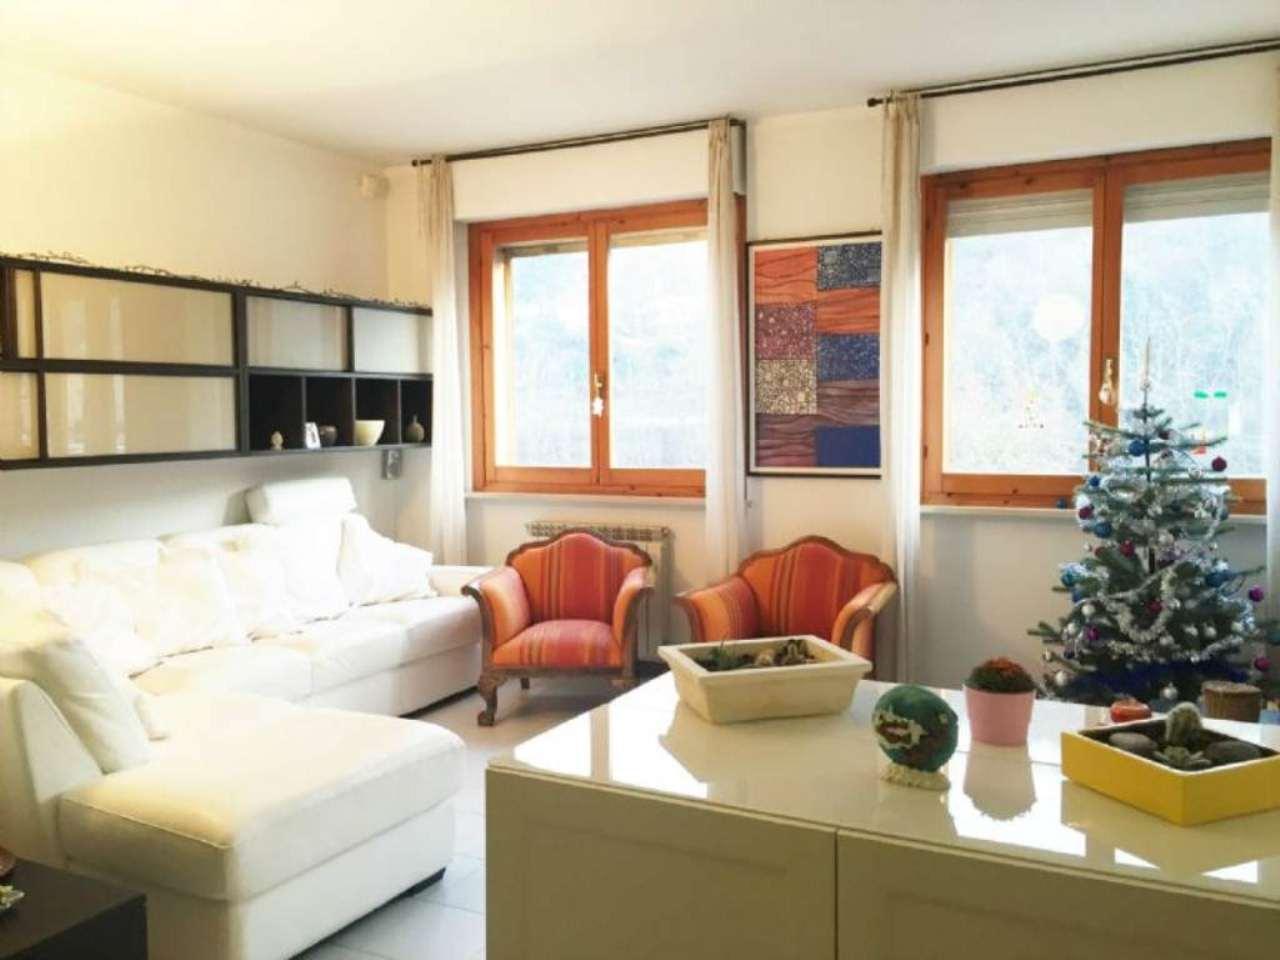 Appartamento in vendita a San Mauro Torinese, 4 locali, prezzo € 150.000   CambioCasa.it